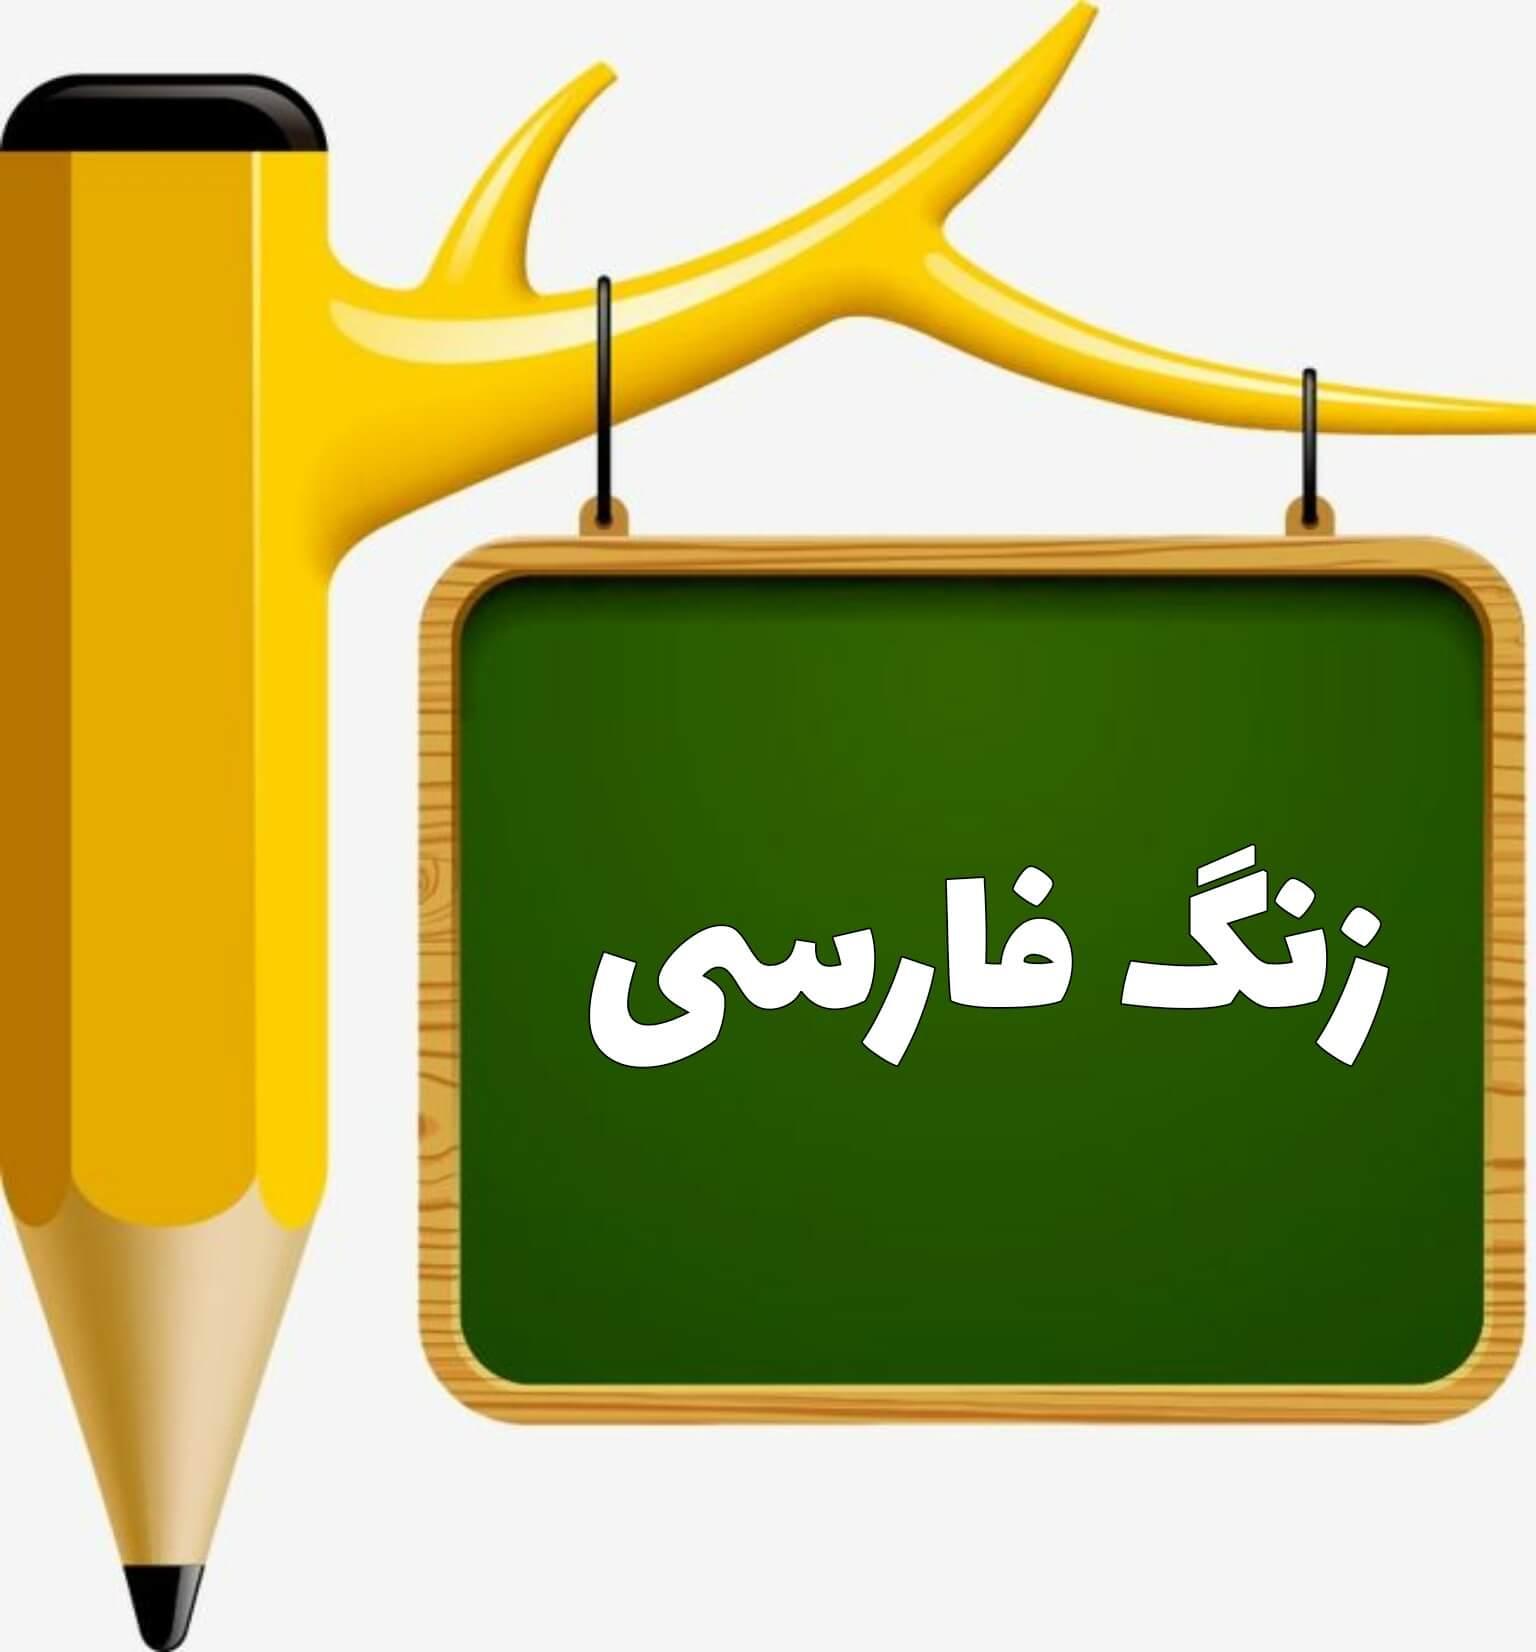 استیکر زنگ فارسی